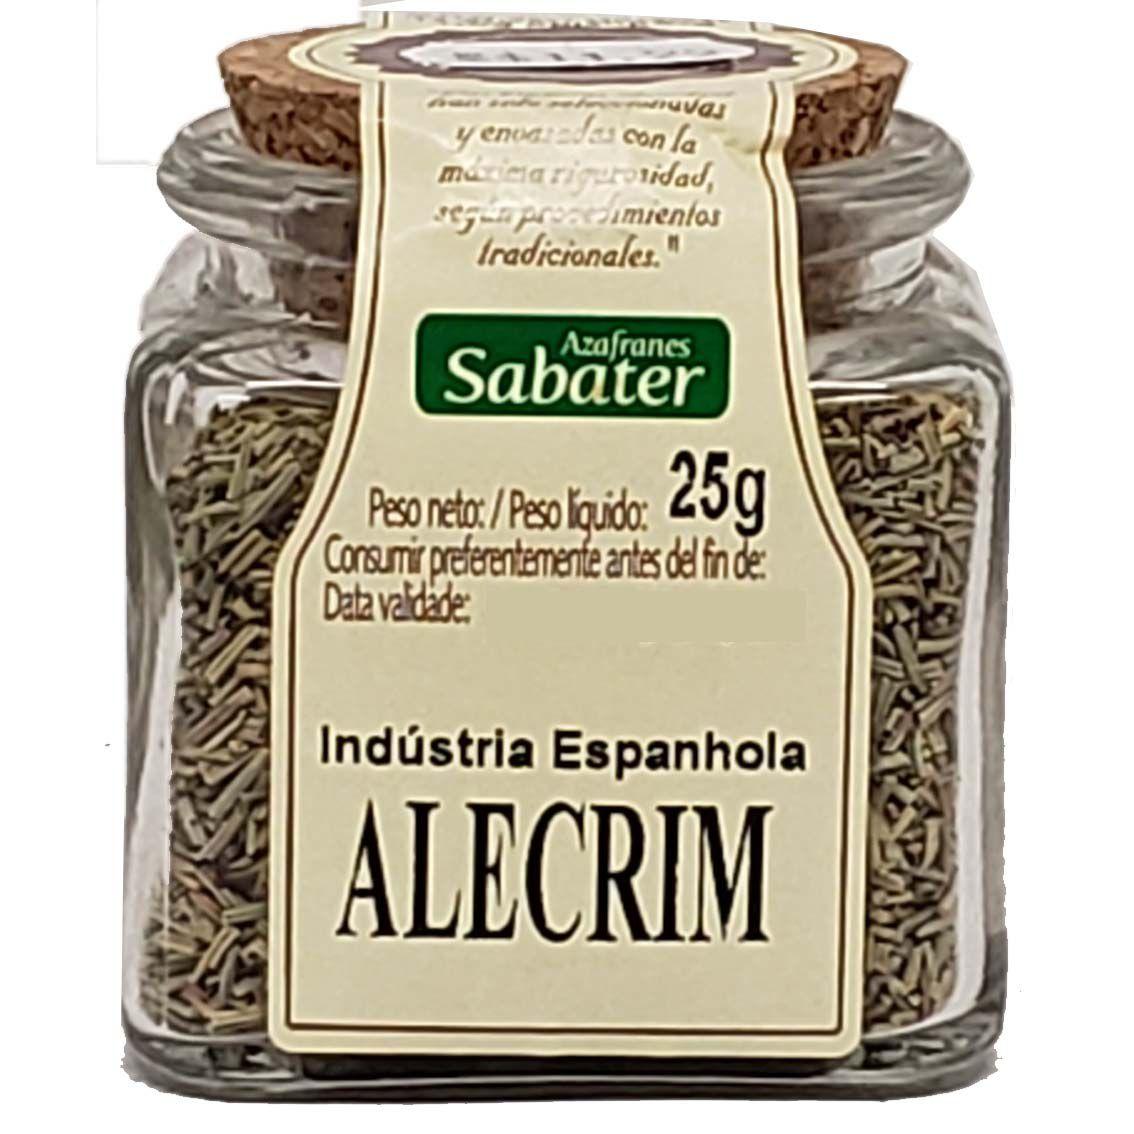 Alecrim Azafranes Sabater - 25g -